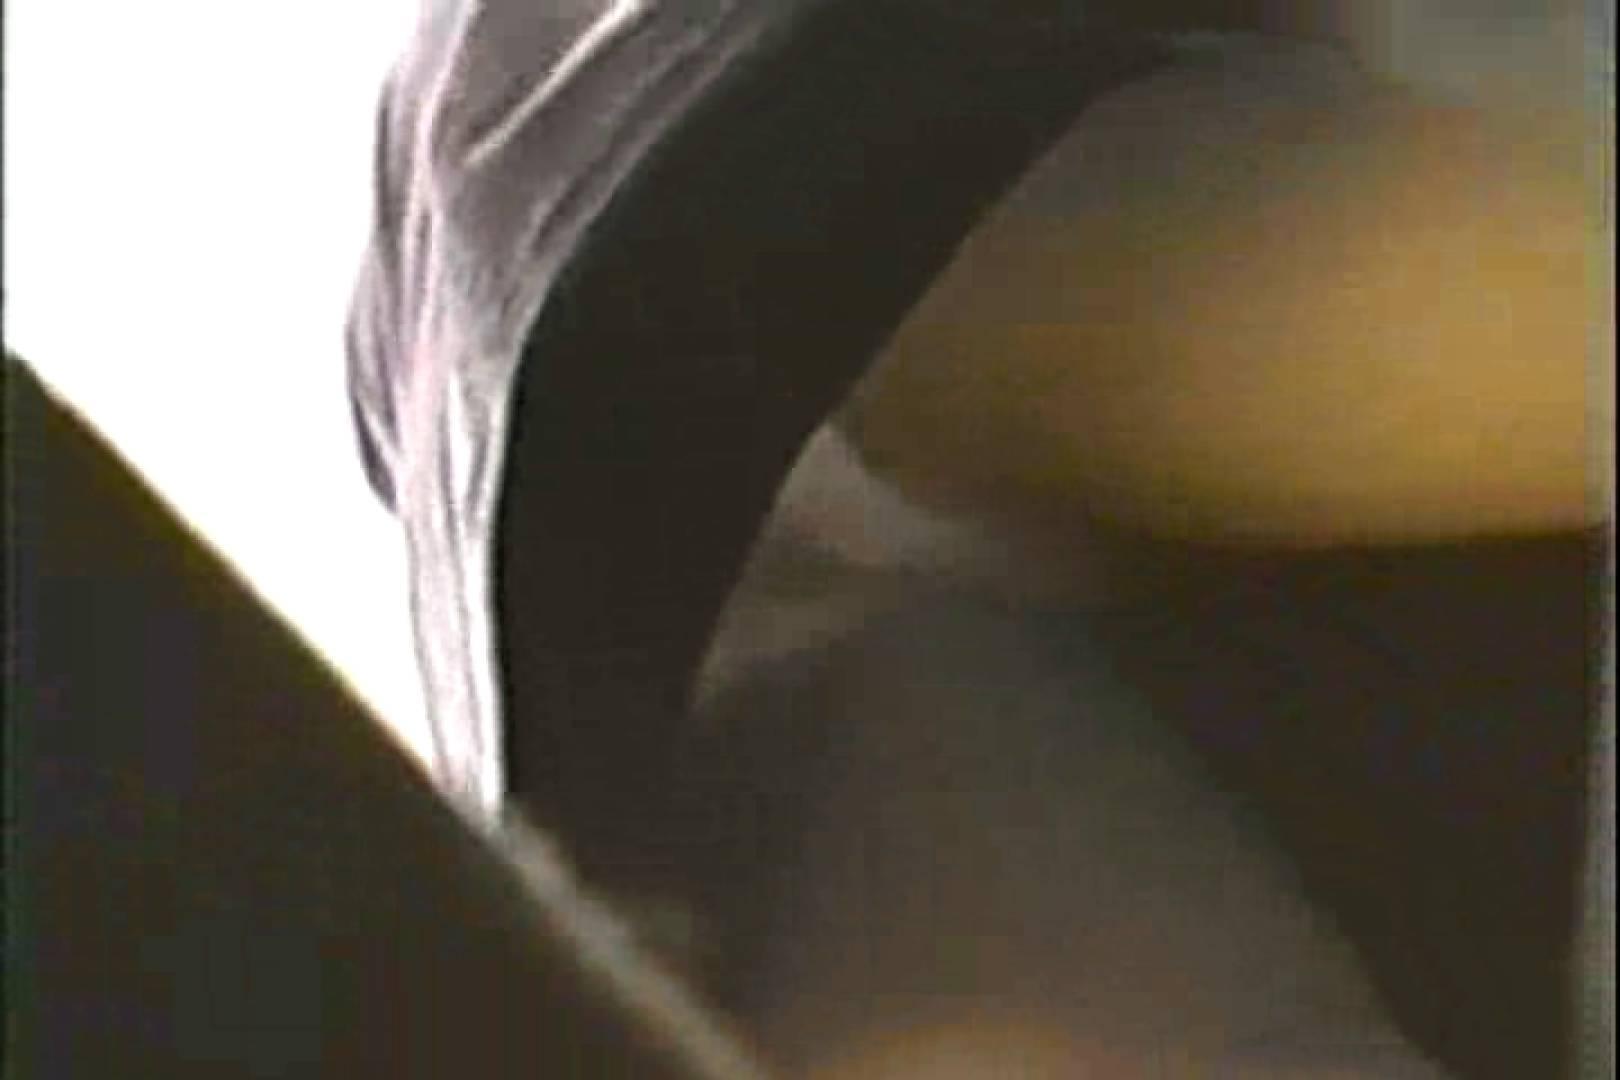 「ちくりん」さんのオリジナル未編集パンチラVol.3_01 チラ 隠し撮りすけべAV動画紹介 103pic 37